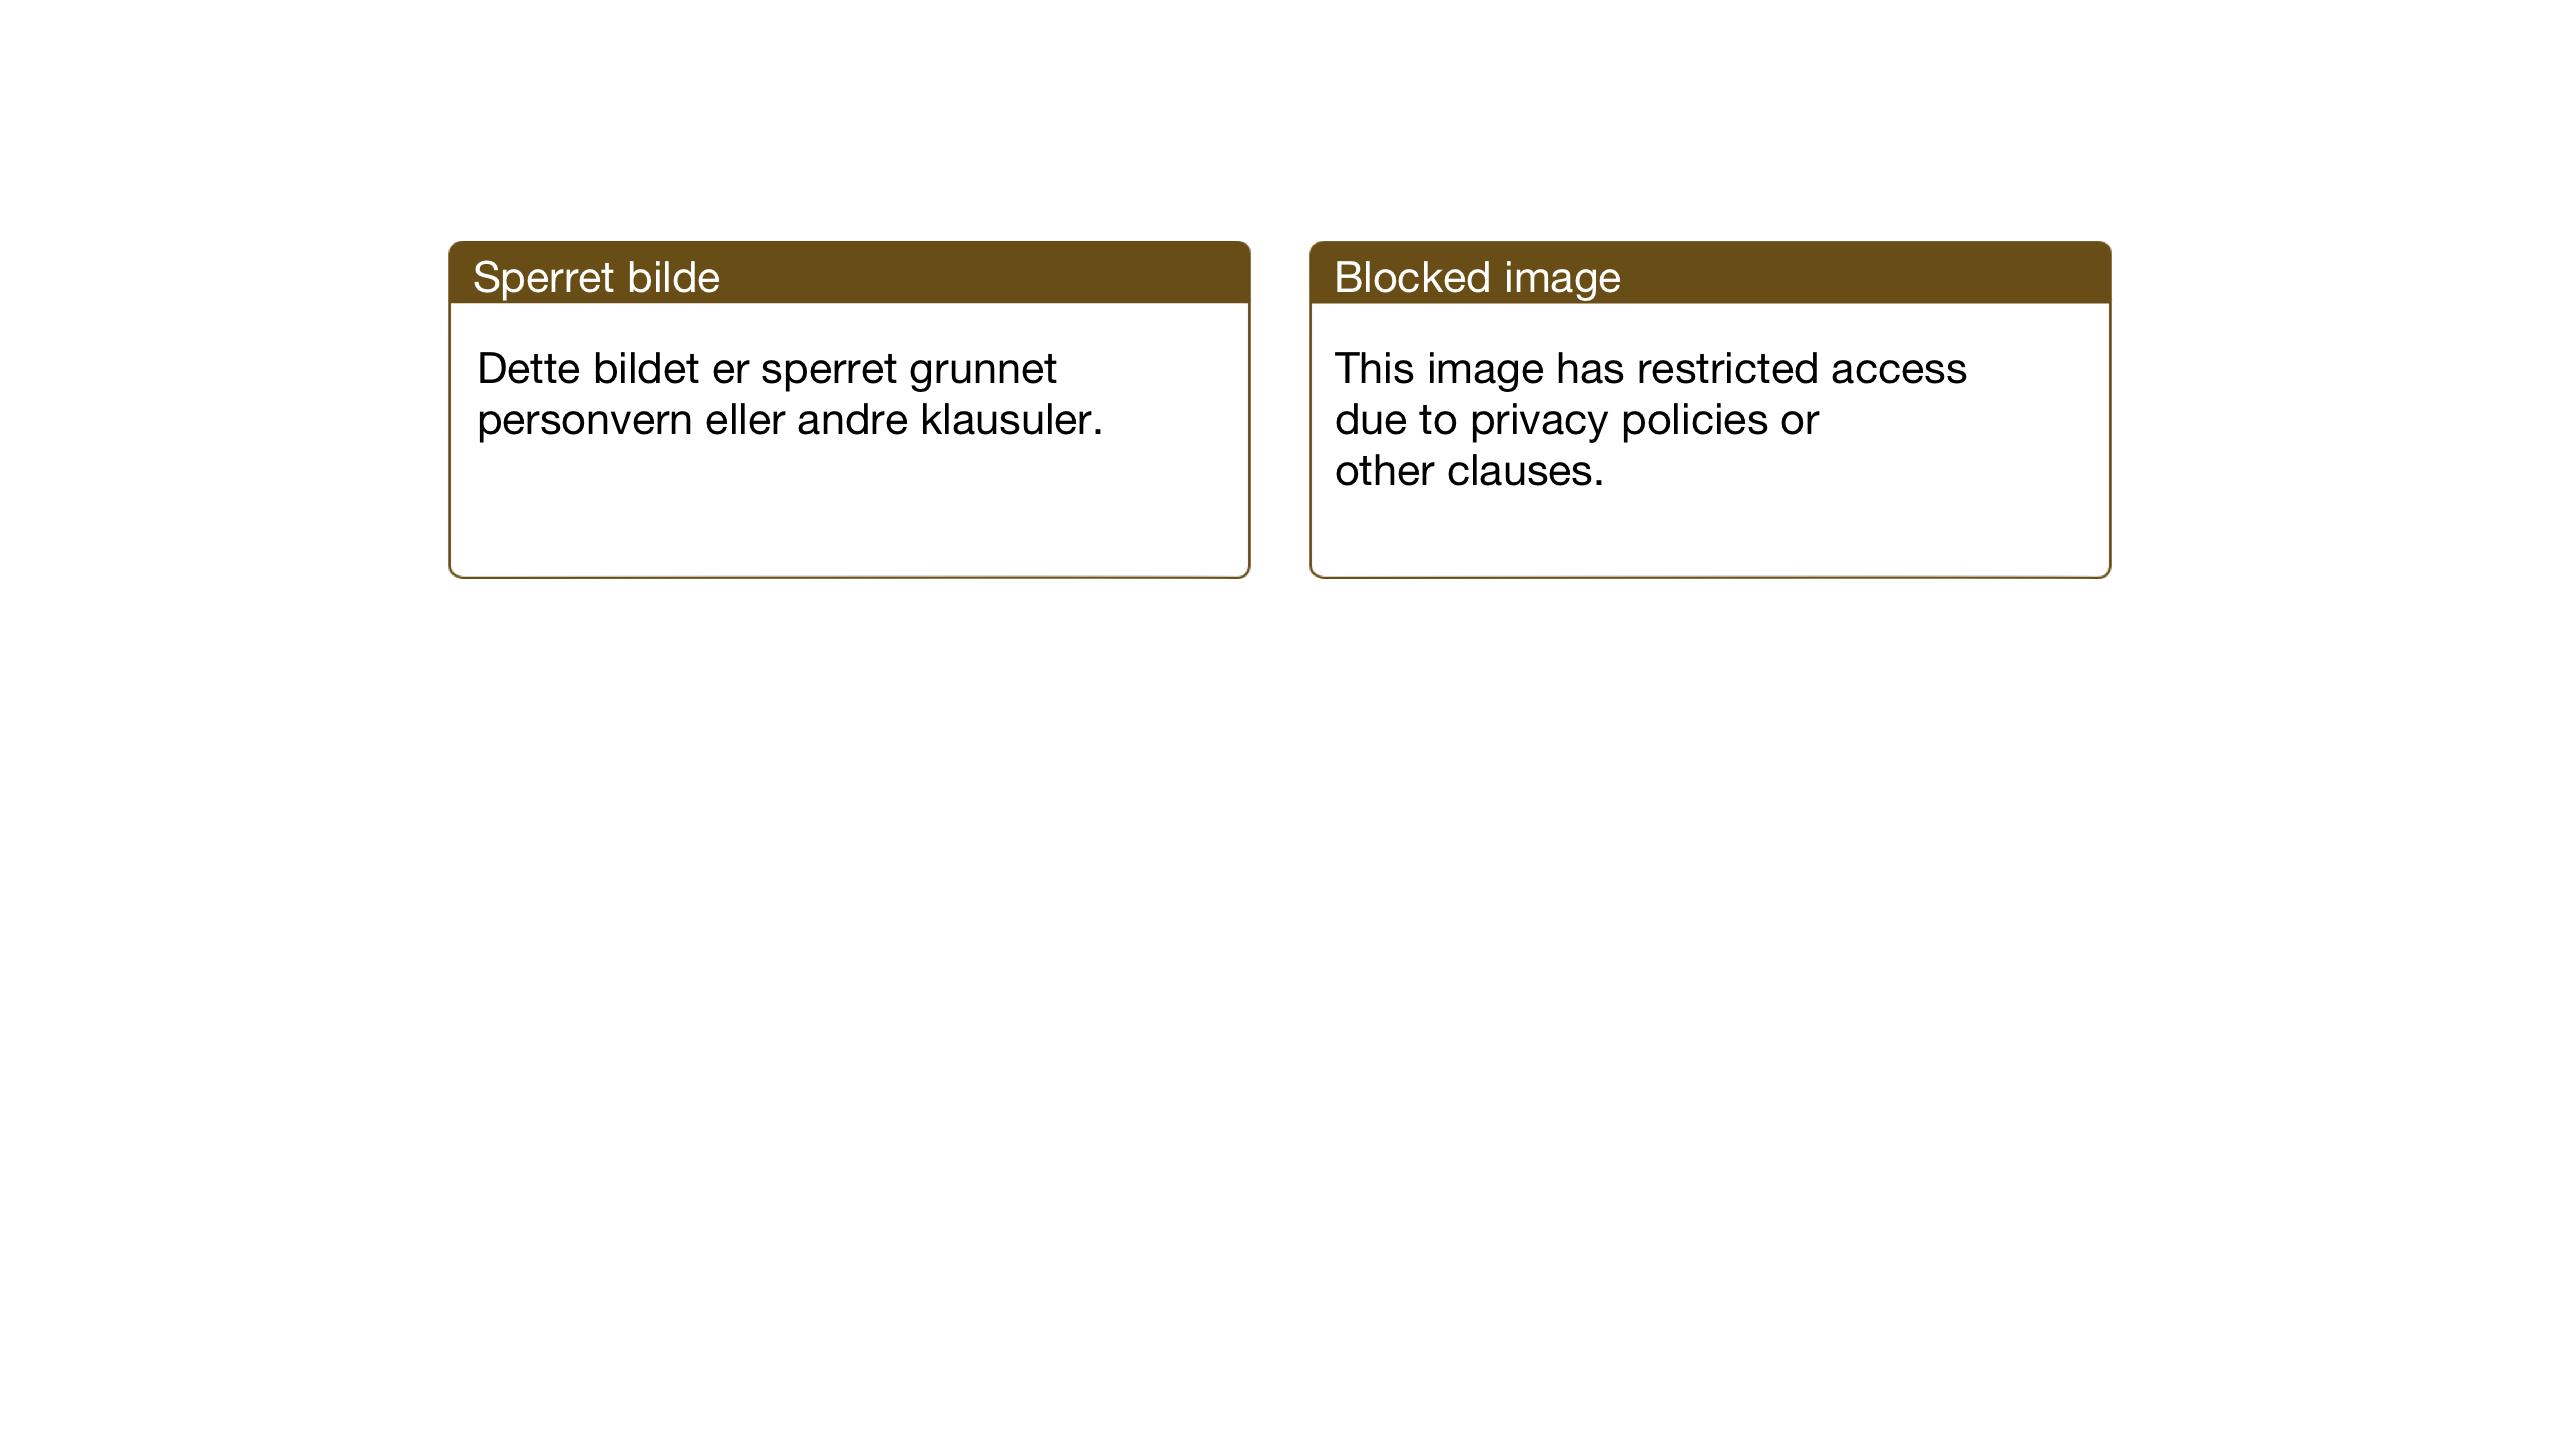 SAT, Ministerialprotokoller, klokkerbøker og fødselsregistre - Nord-Trøndelag, 710/L0097: Klokkerbok nr. 710C02, 1925-1955, s. 37